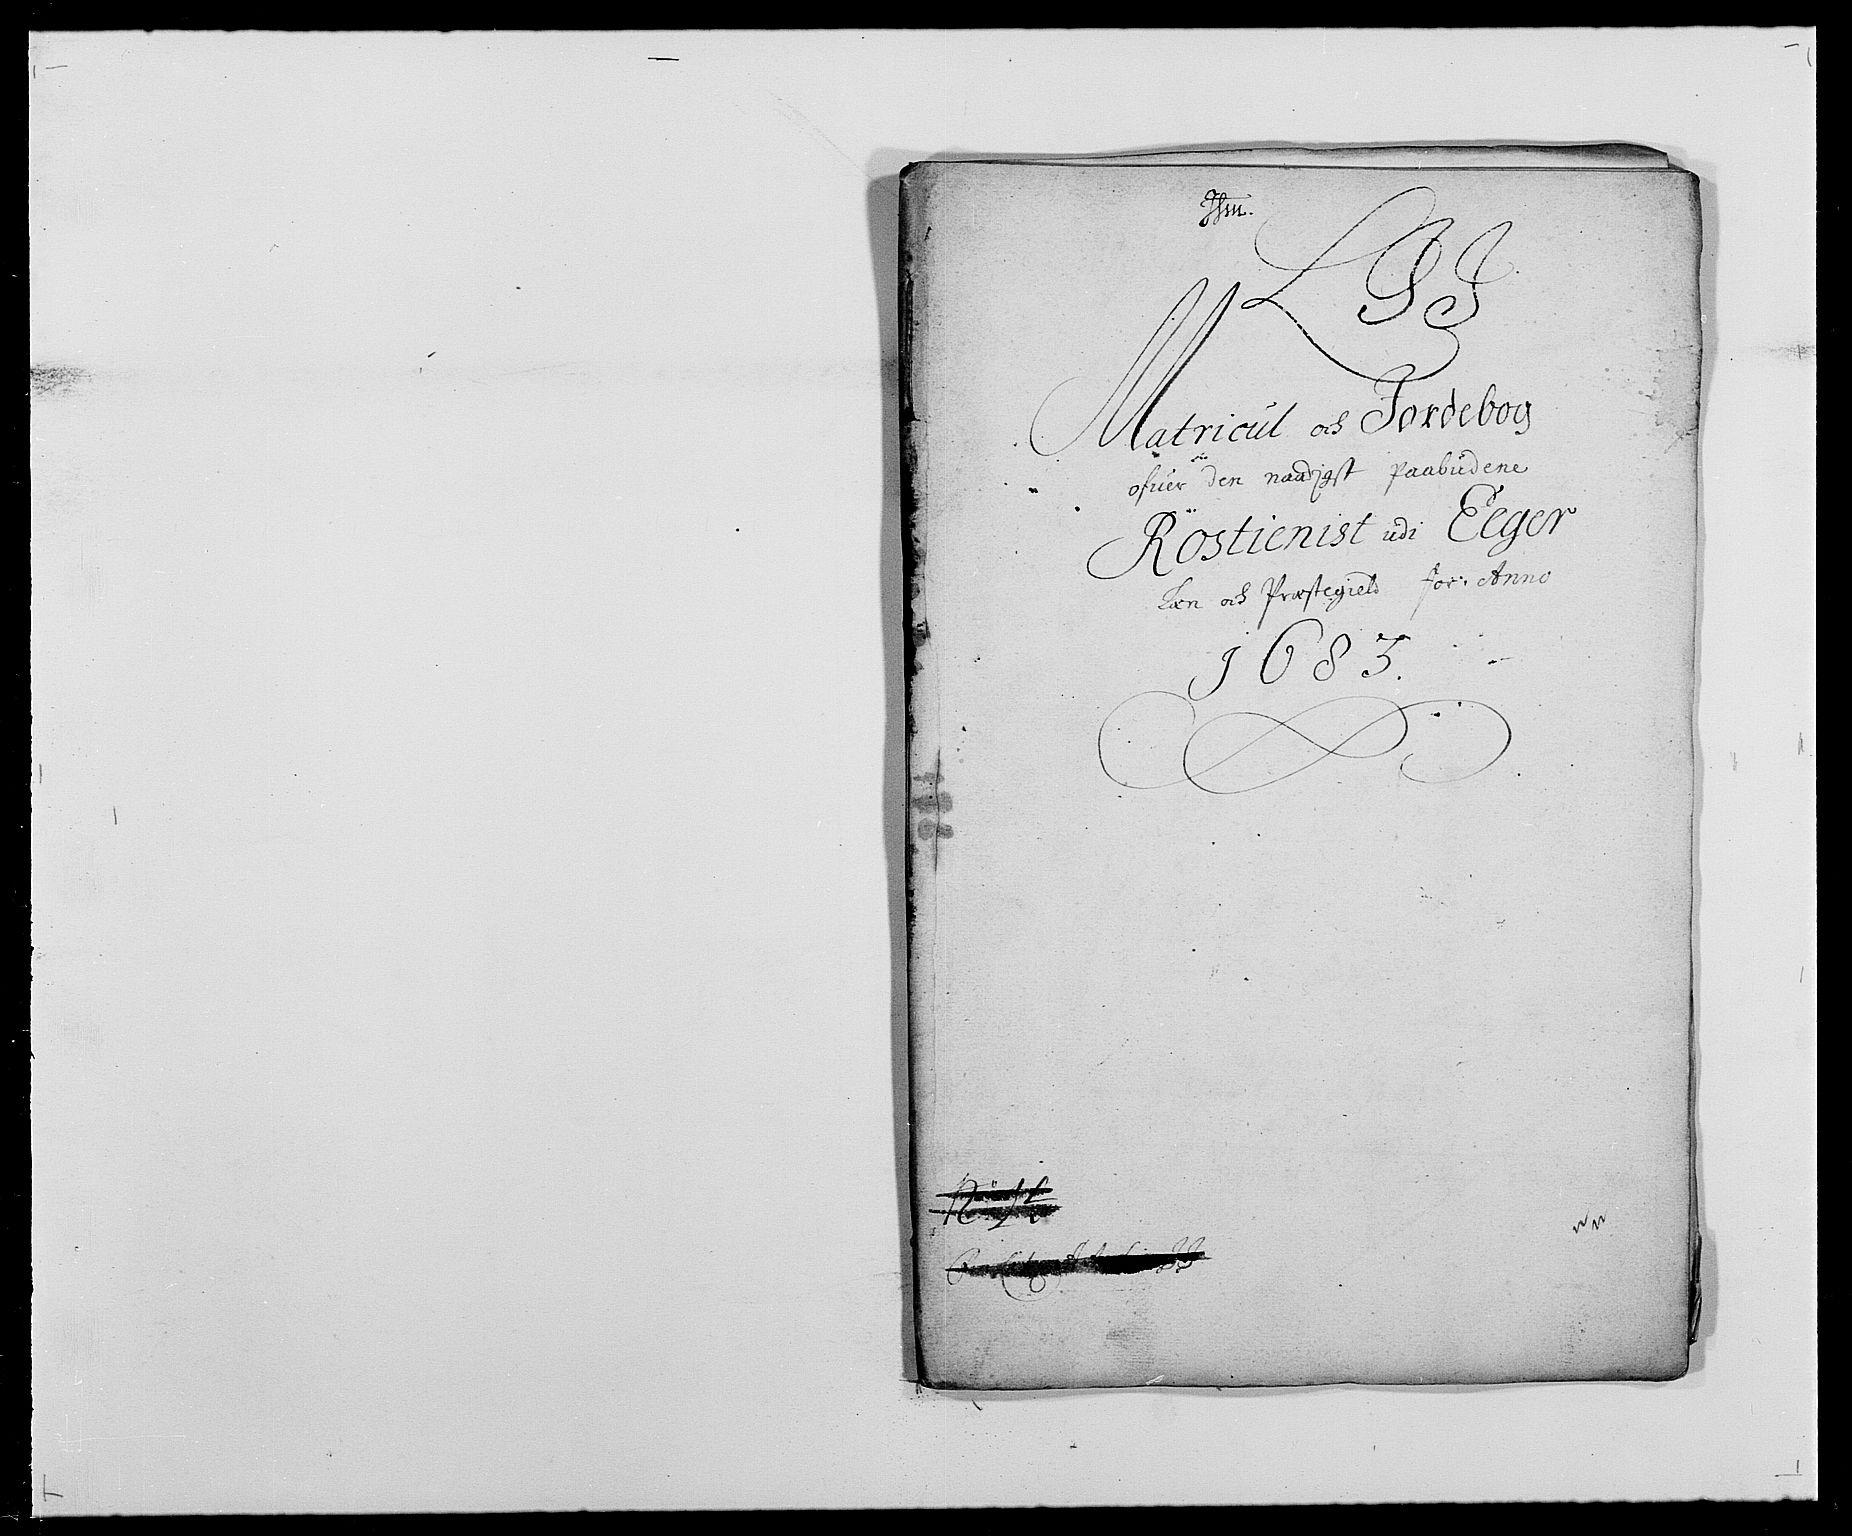 RA, Rentekammeret inntil 1814, Reviderte regnskaper, Fogderegnskap, R26/L1684: Fogderegnskap Eiker, 1679-1686, s. 421